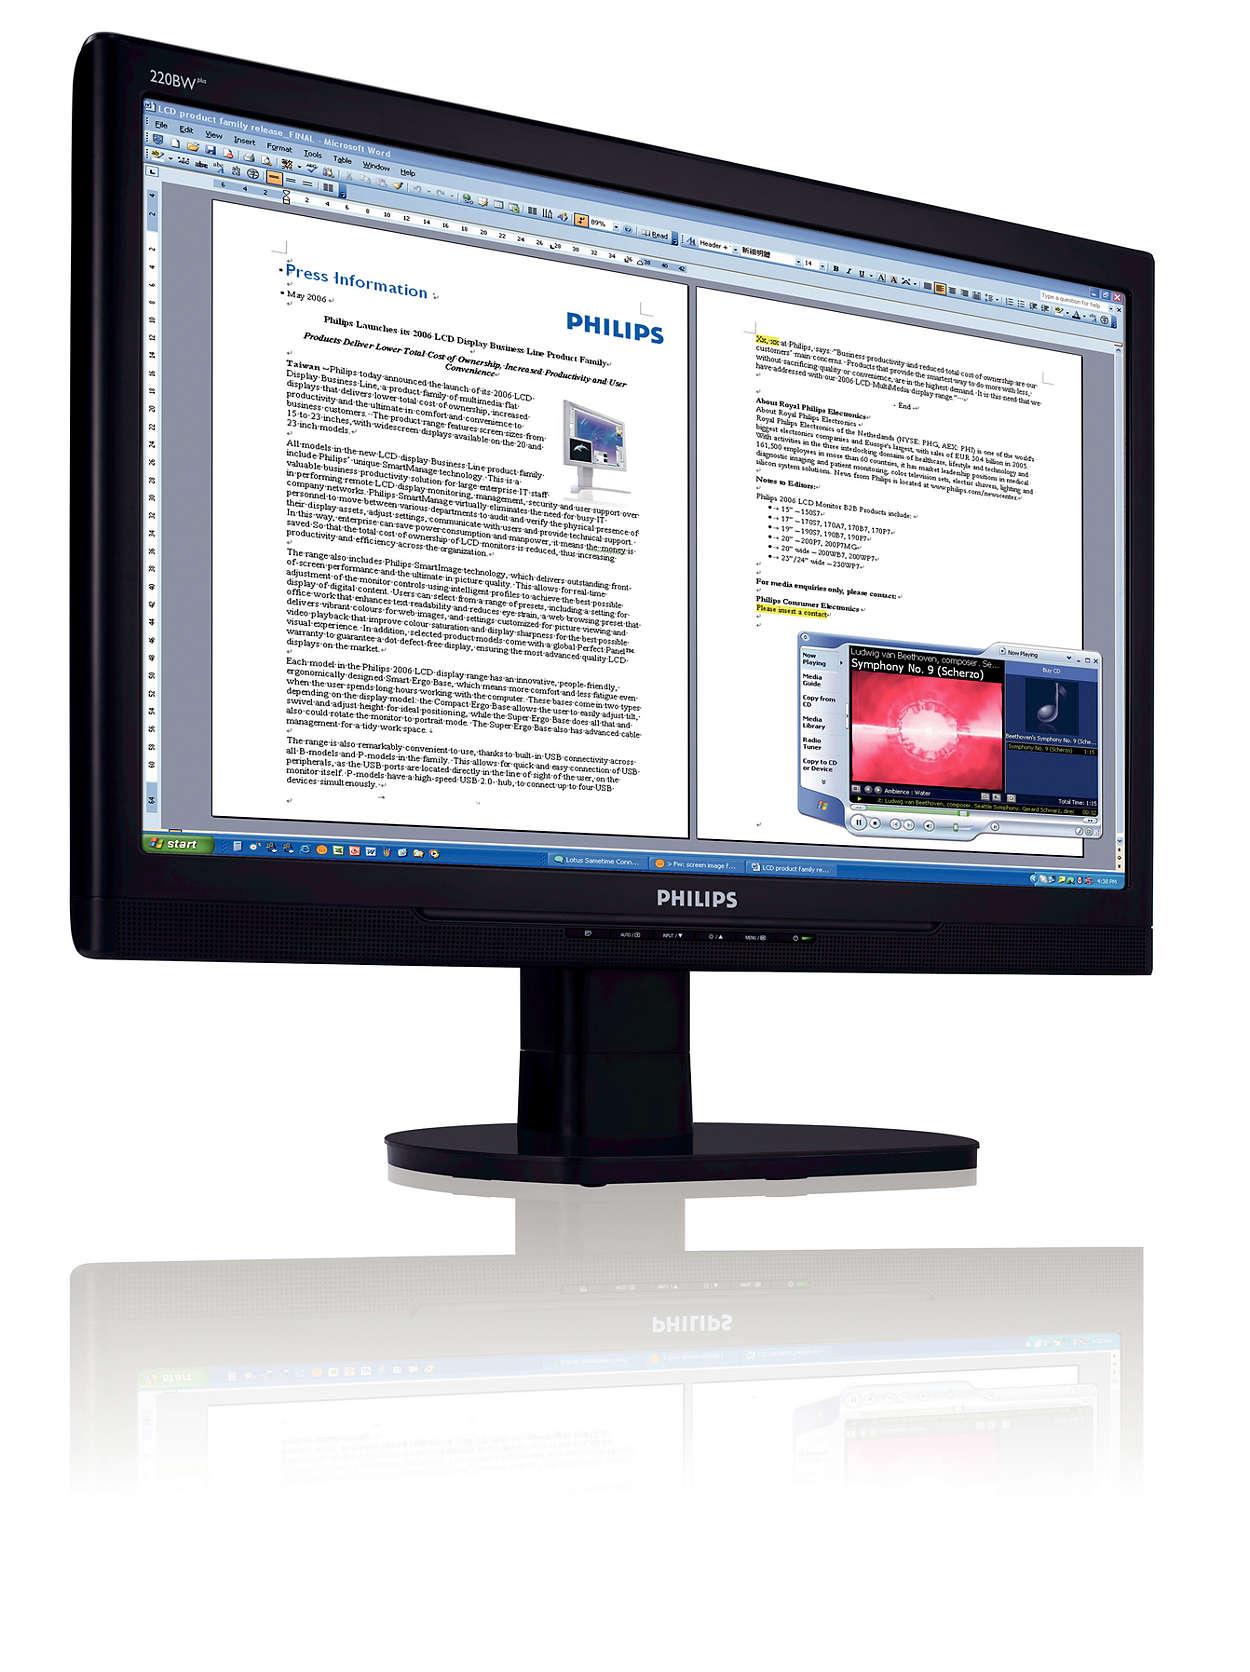 更大、更闊的熒幕:更出色的業務效率